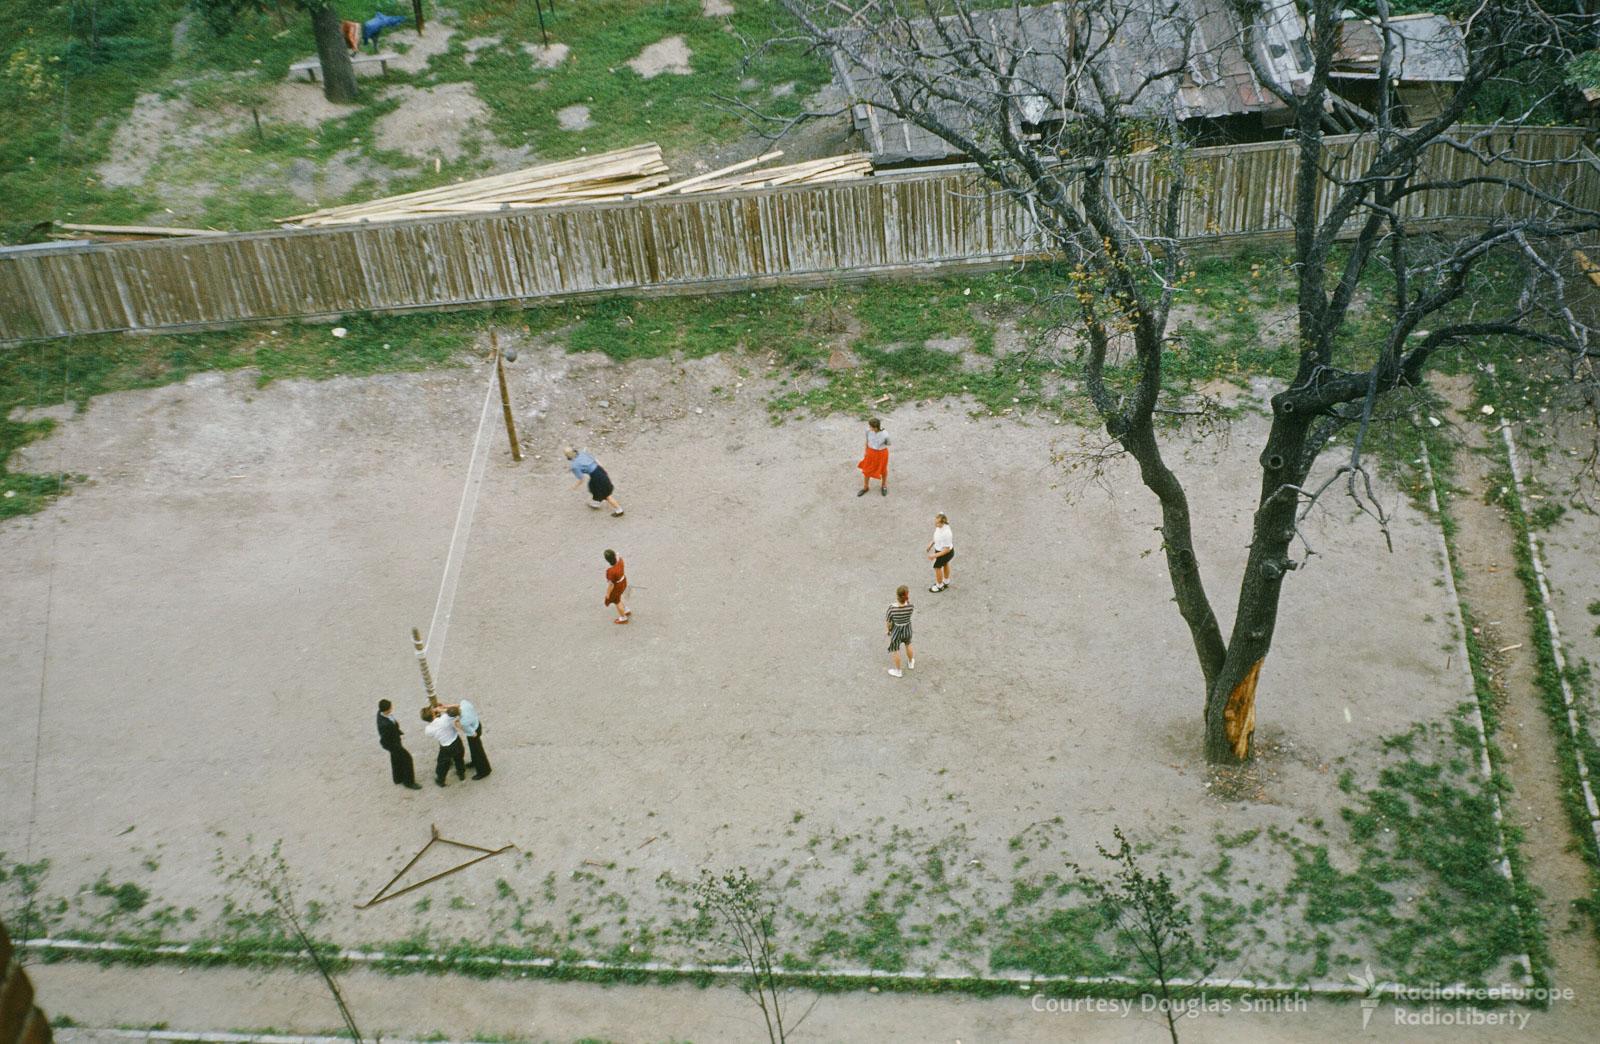 Дети играют вволейбол водворе вТаганском районе Москвы